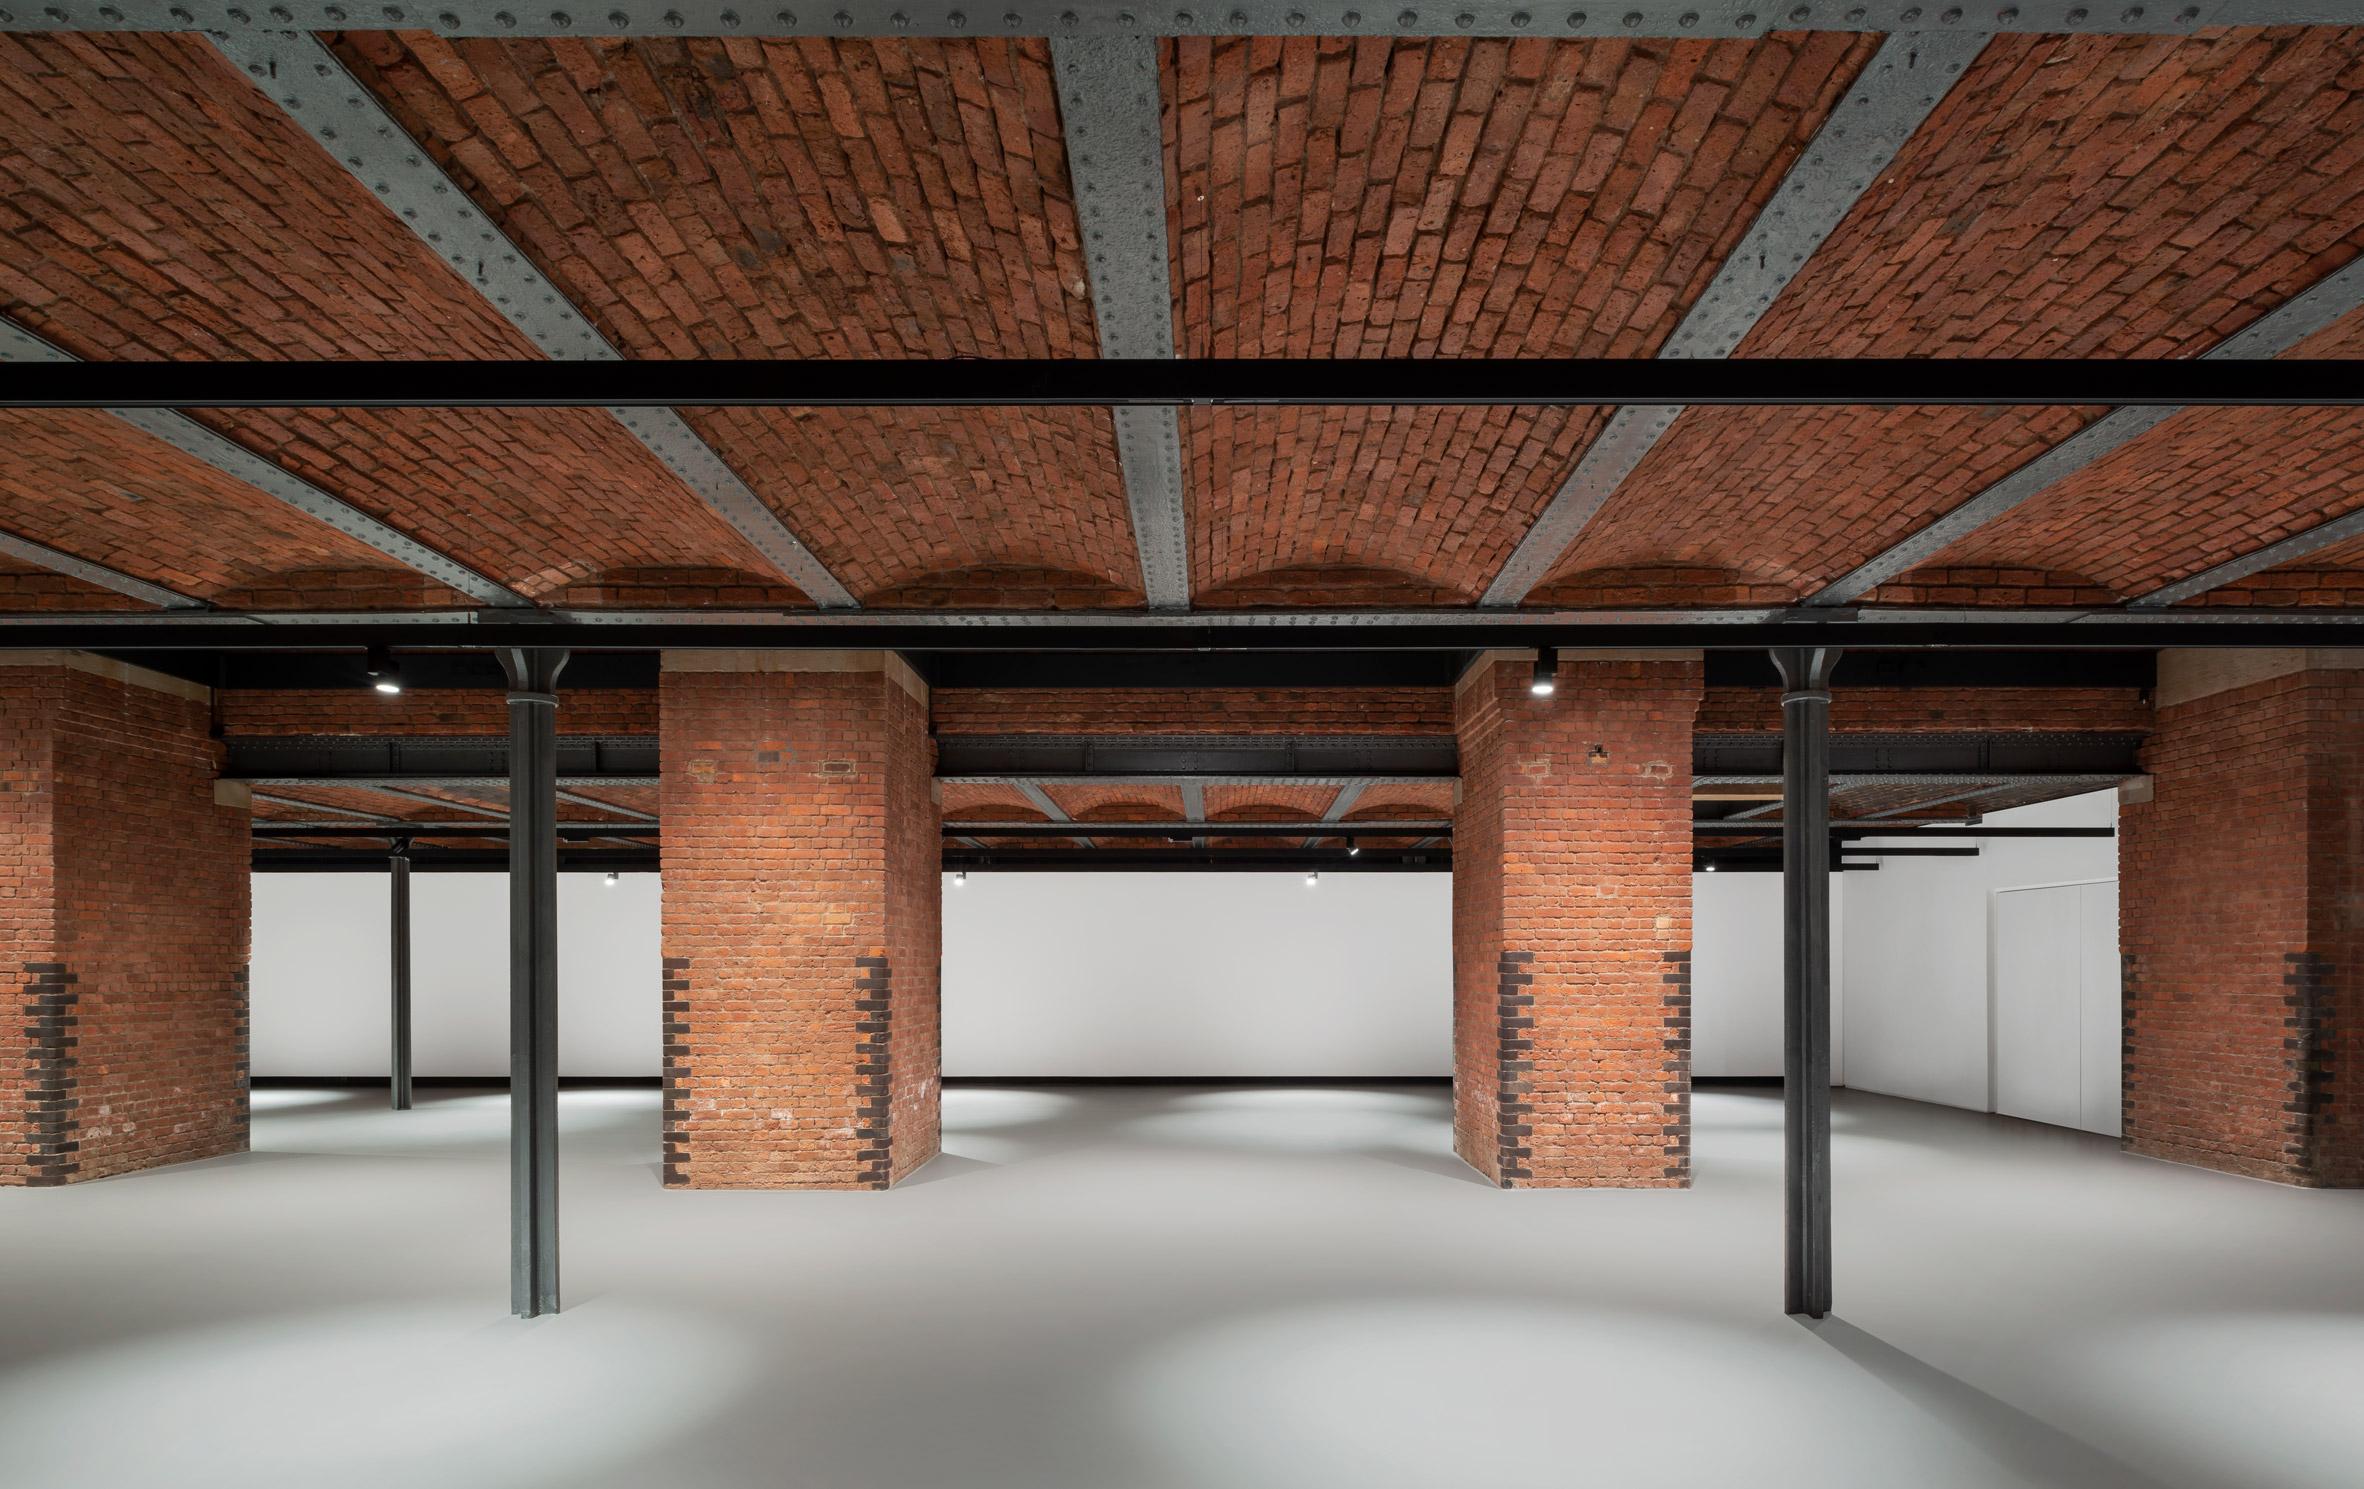 Special Exhibitions Gallery